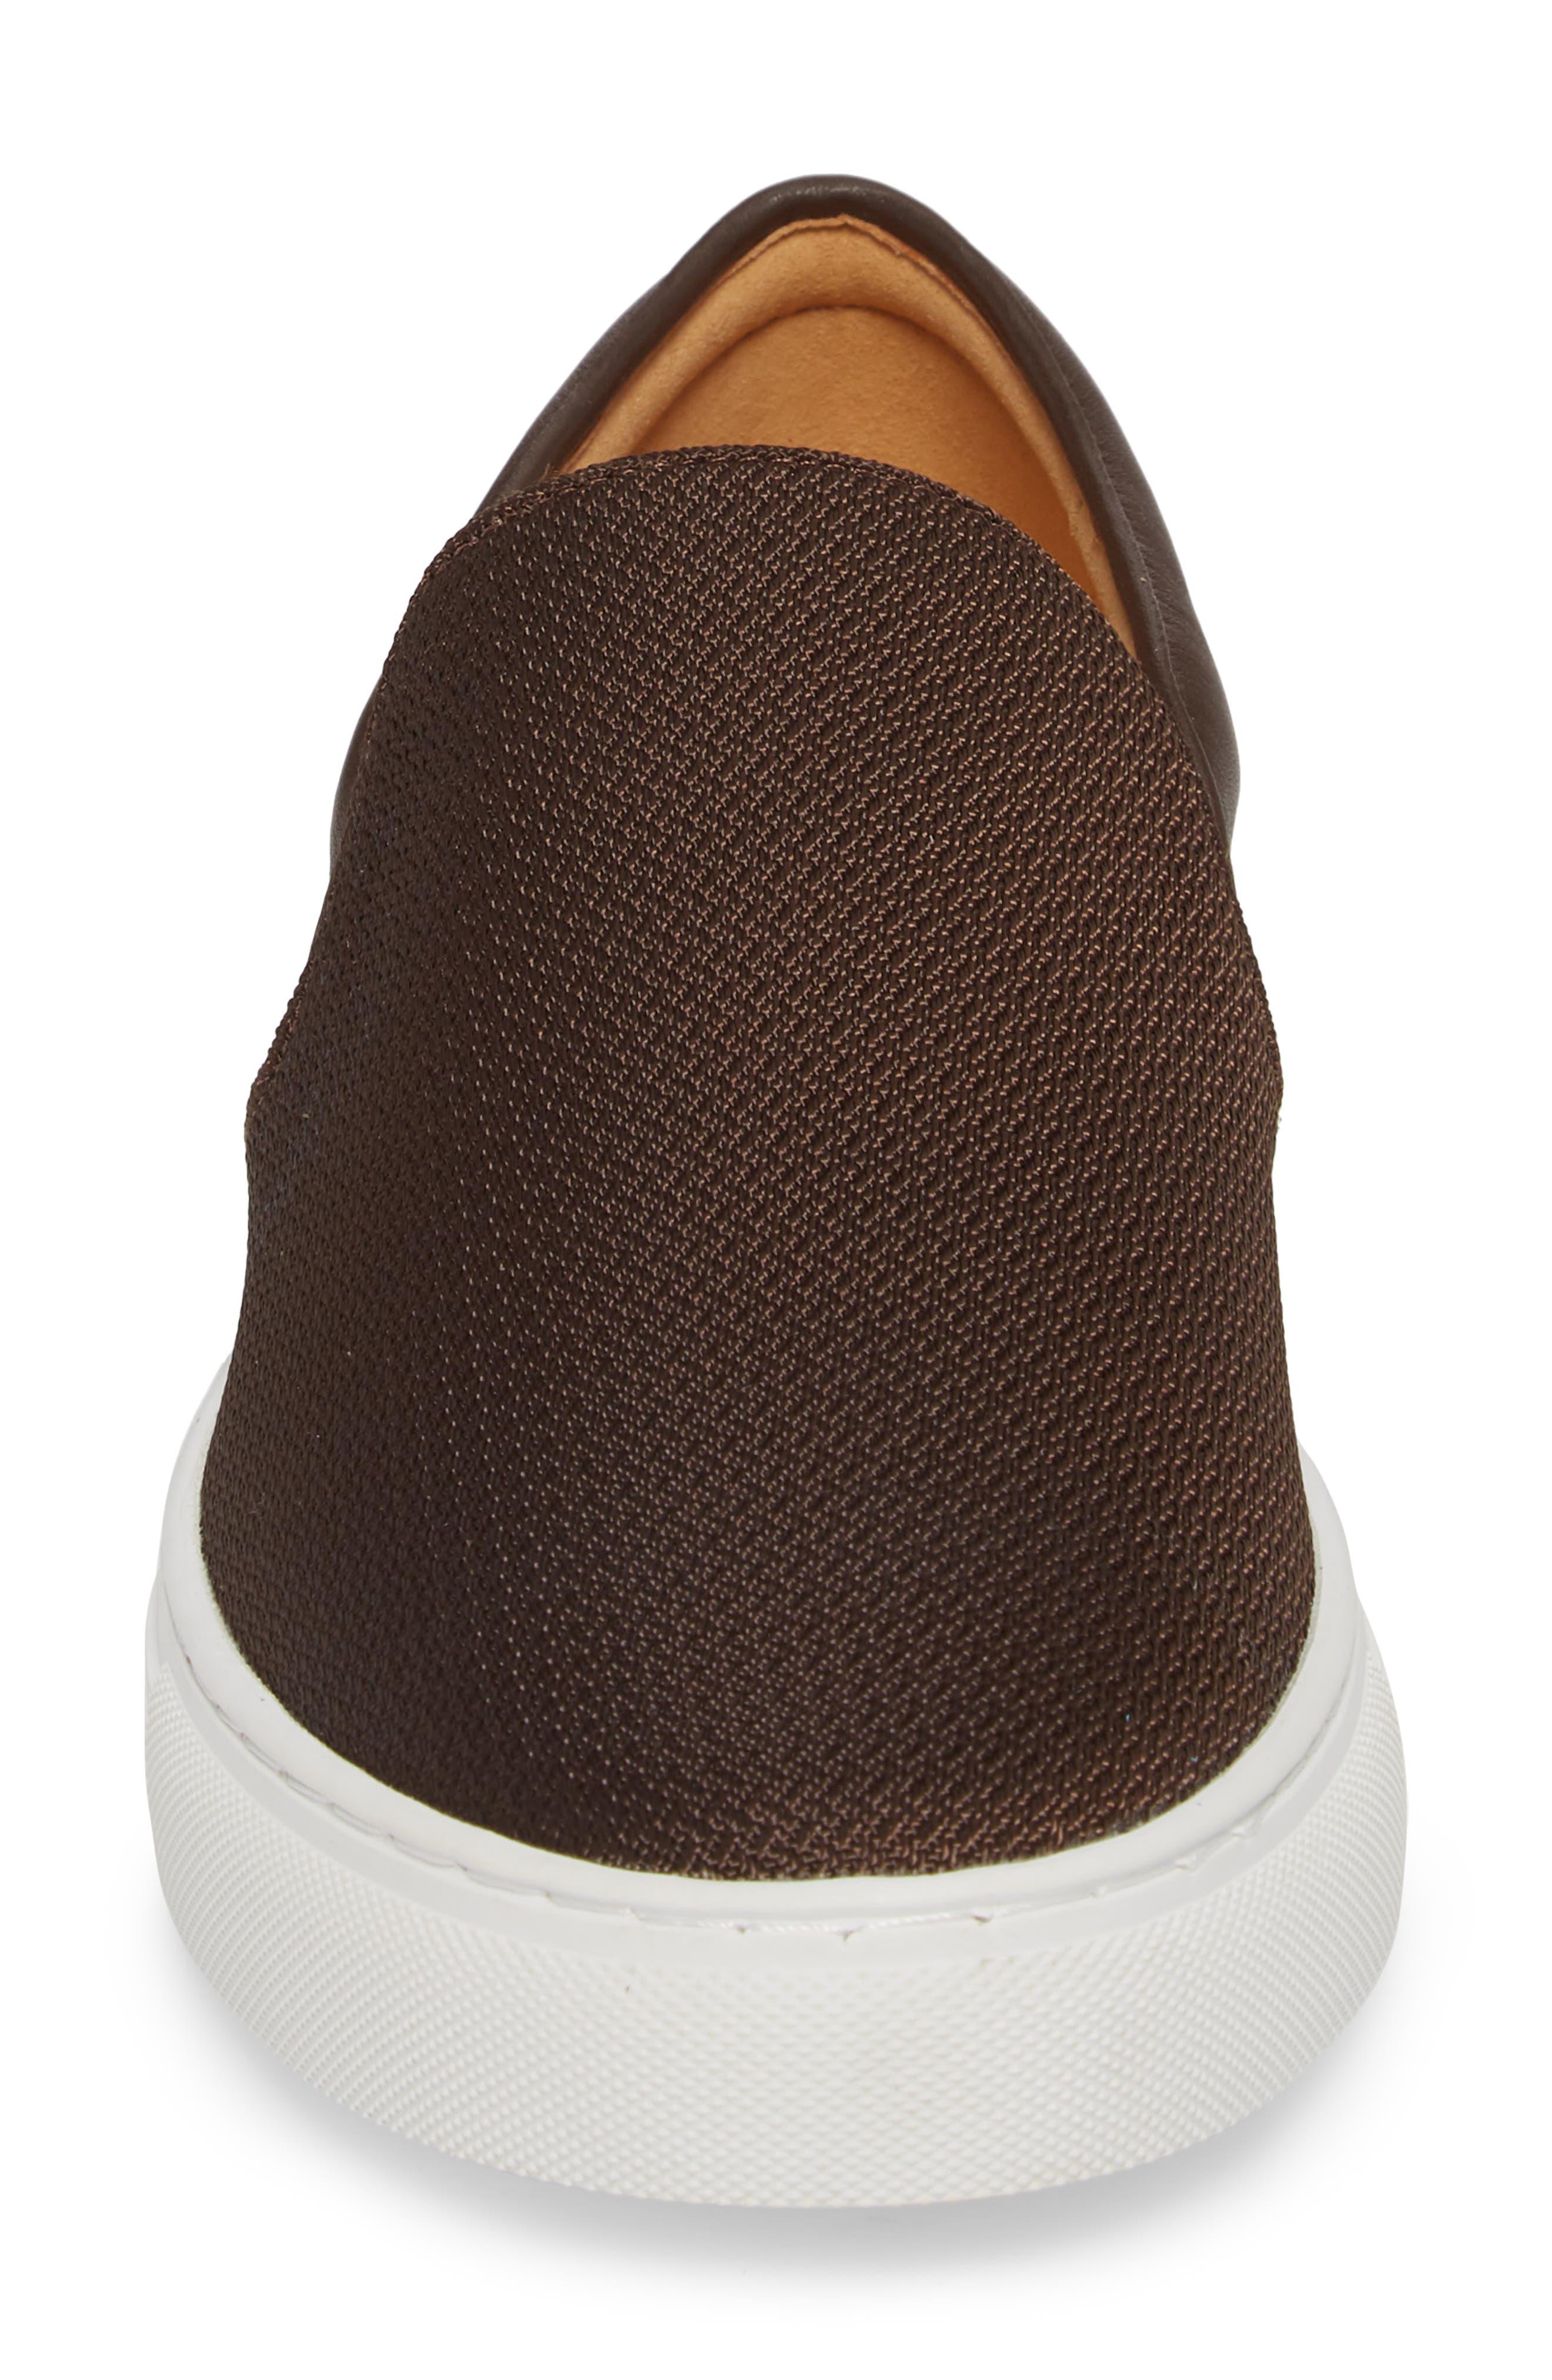 Albin Raffia Slip-On Sneaker,                             Alternate thumbnail 6, color,                             Espresso